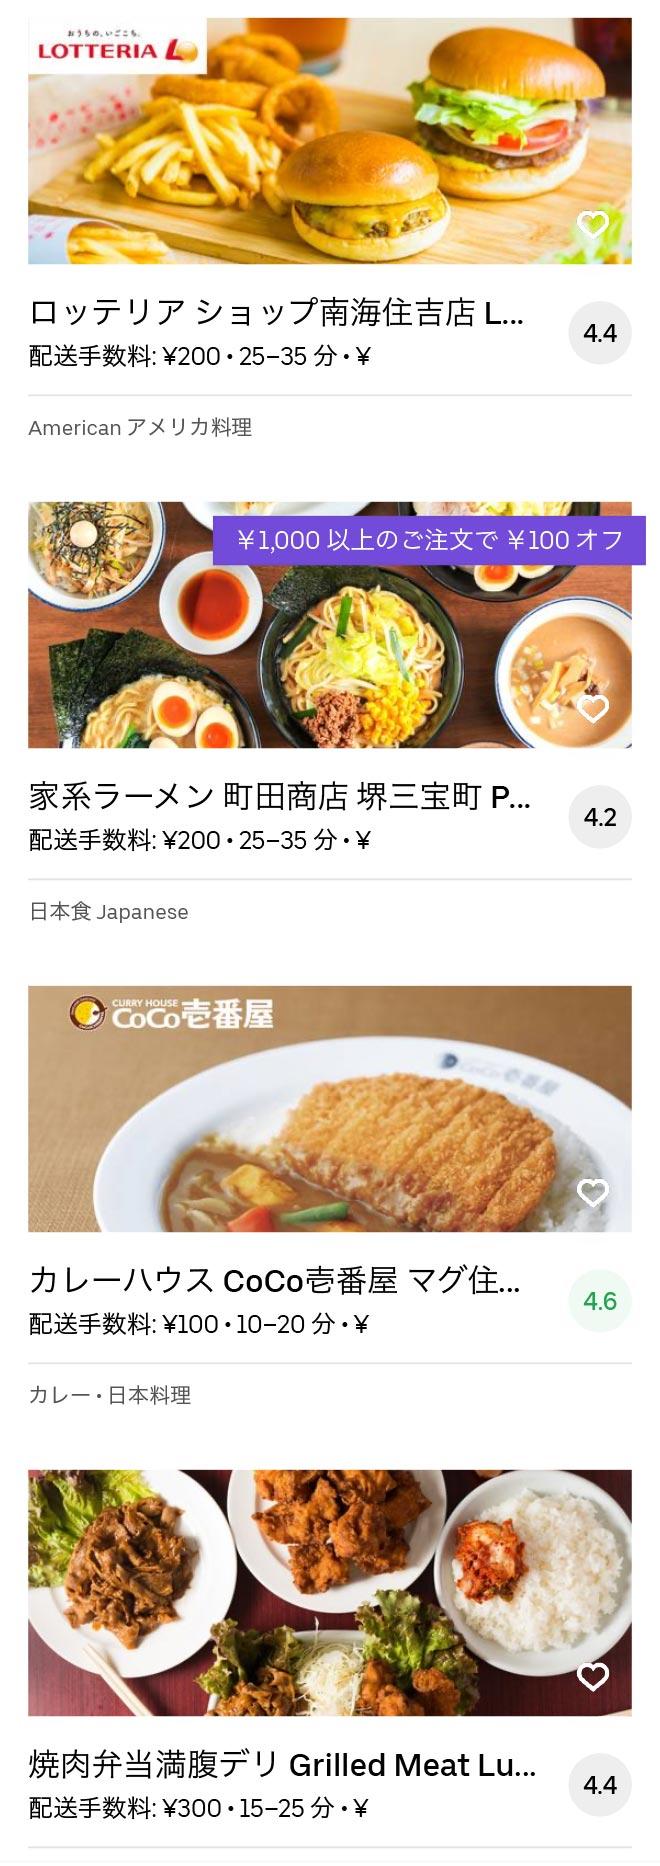 Osaka suminoe menu 2005 02